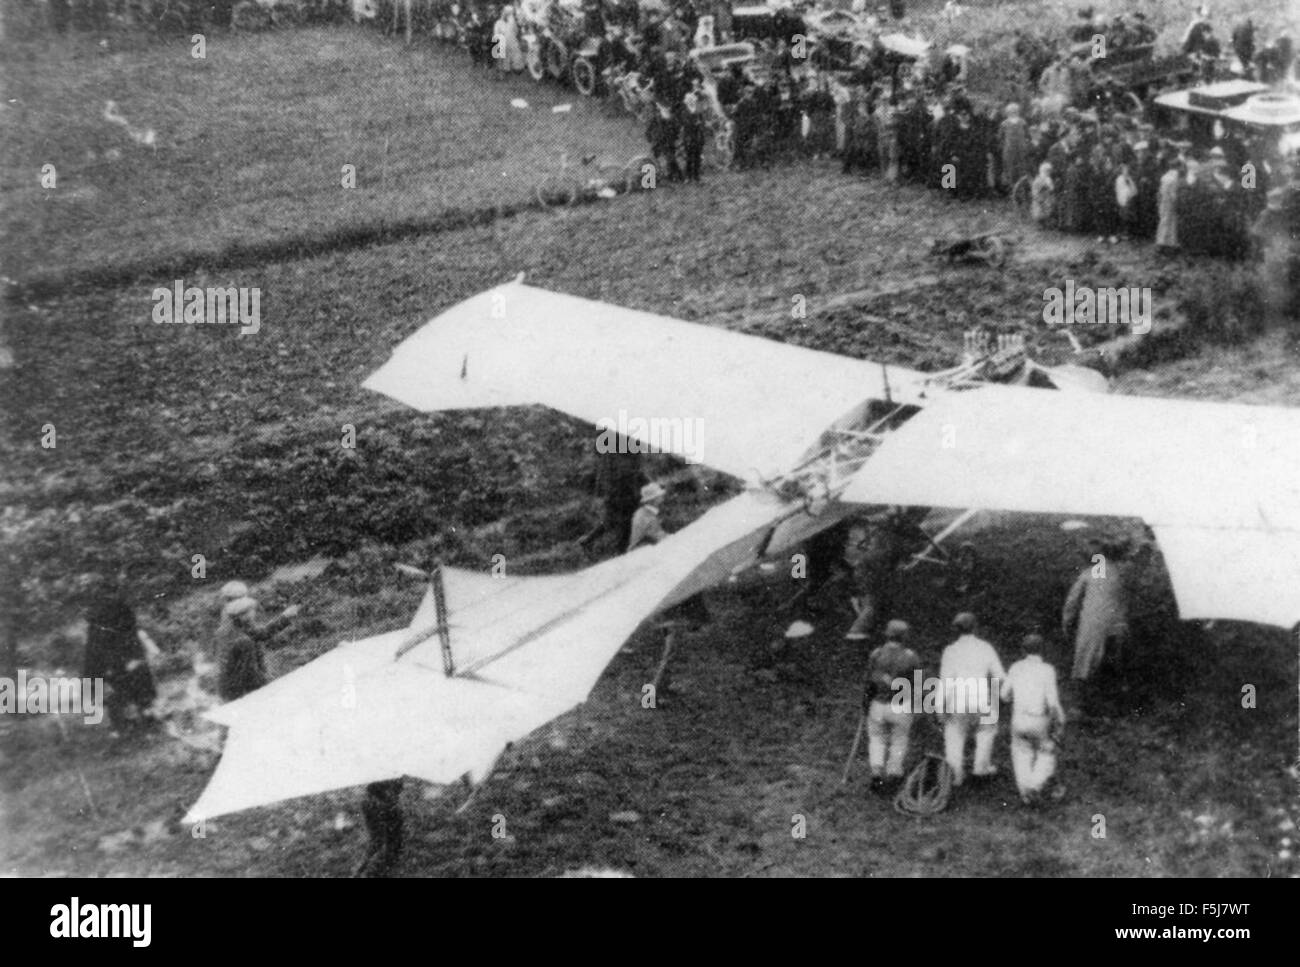 Antonietta monoplan Foto Stock